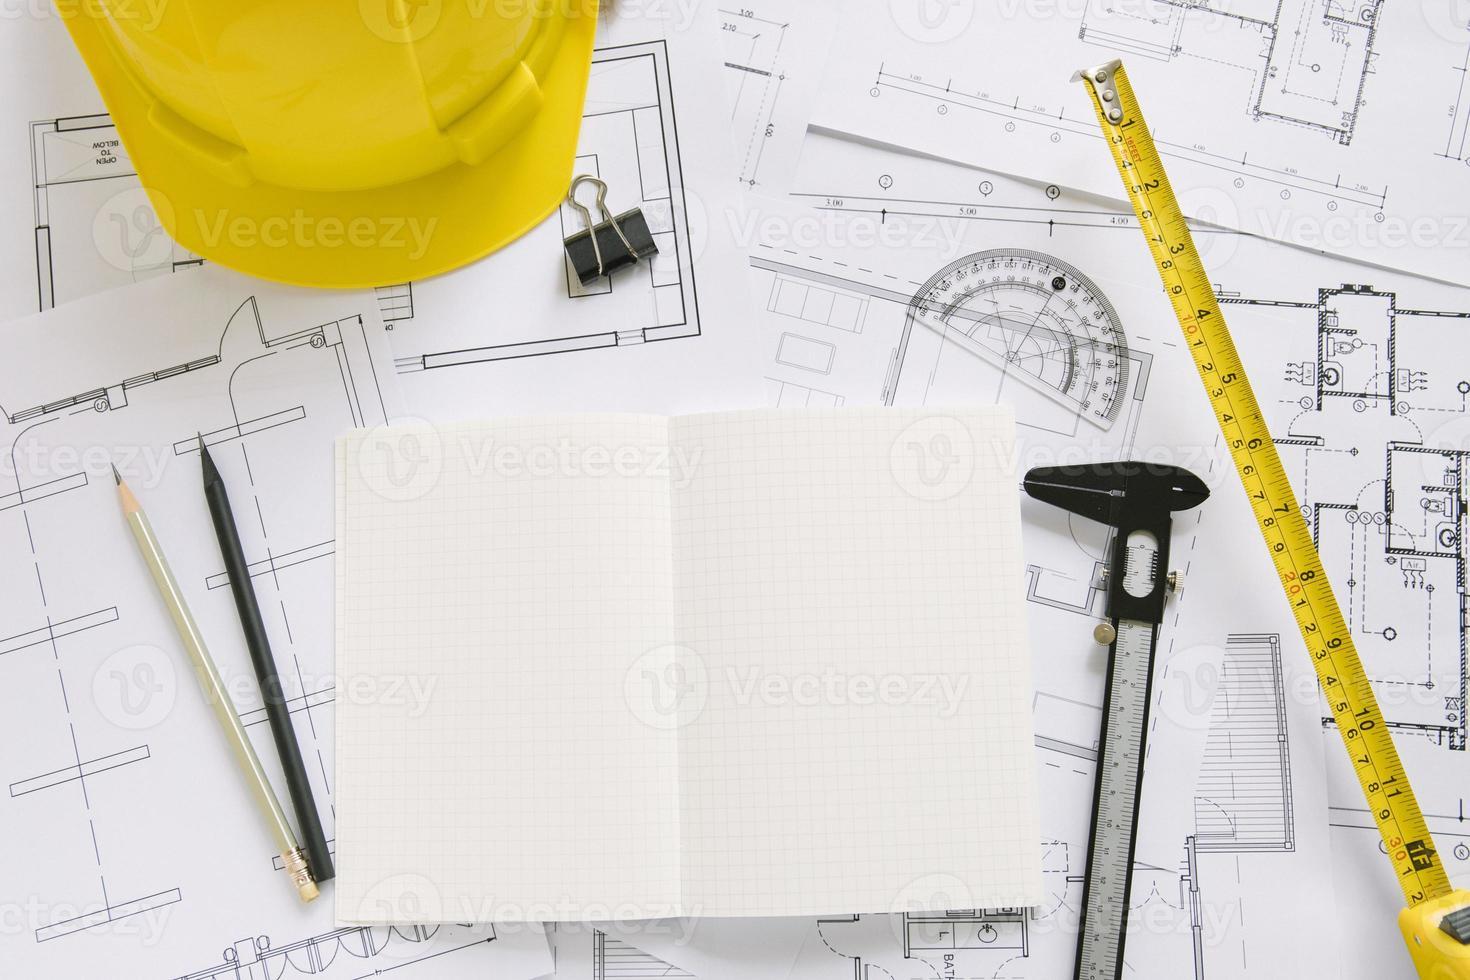 Casco y suministros de dibujo planos. foto